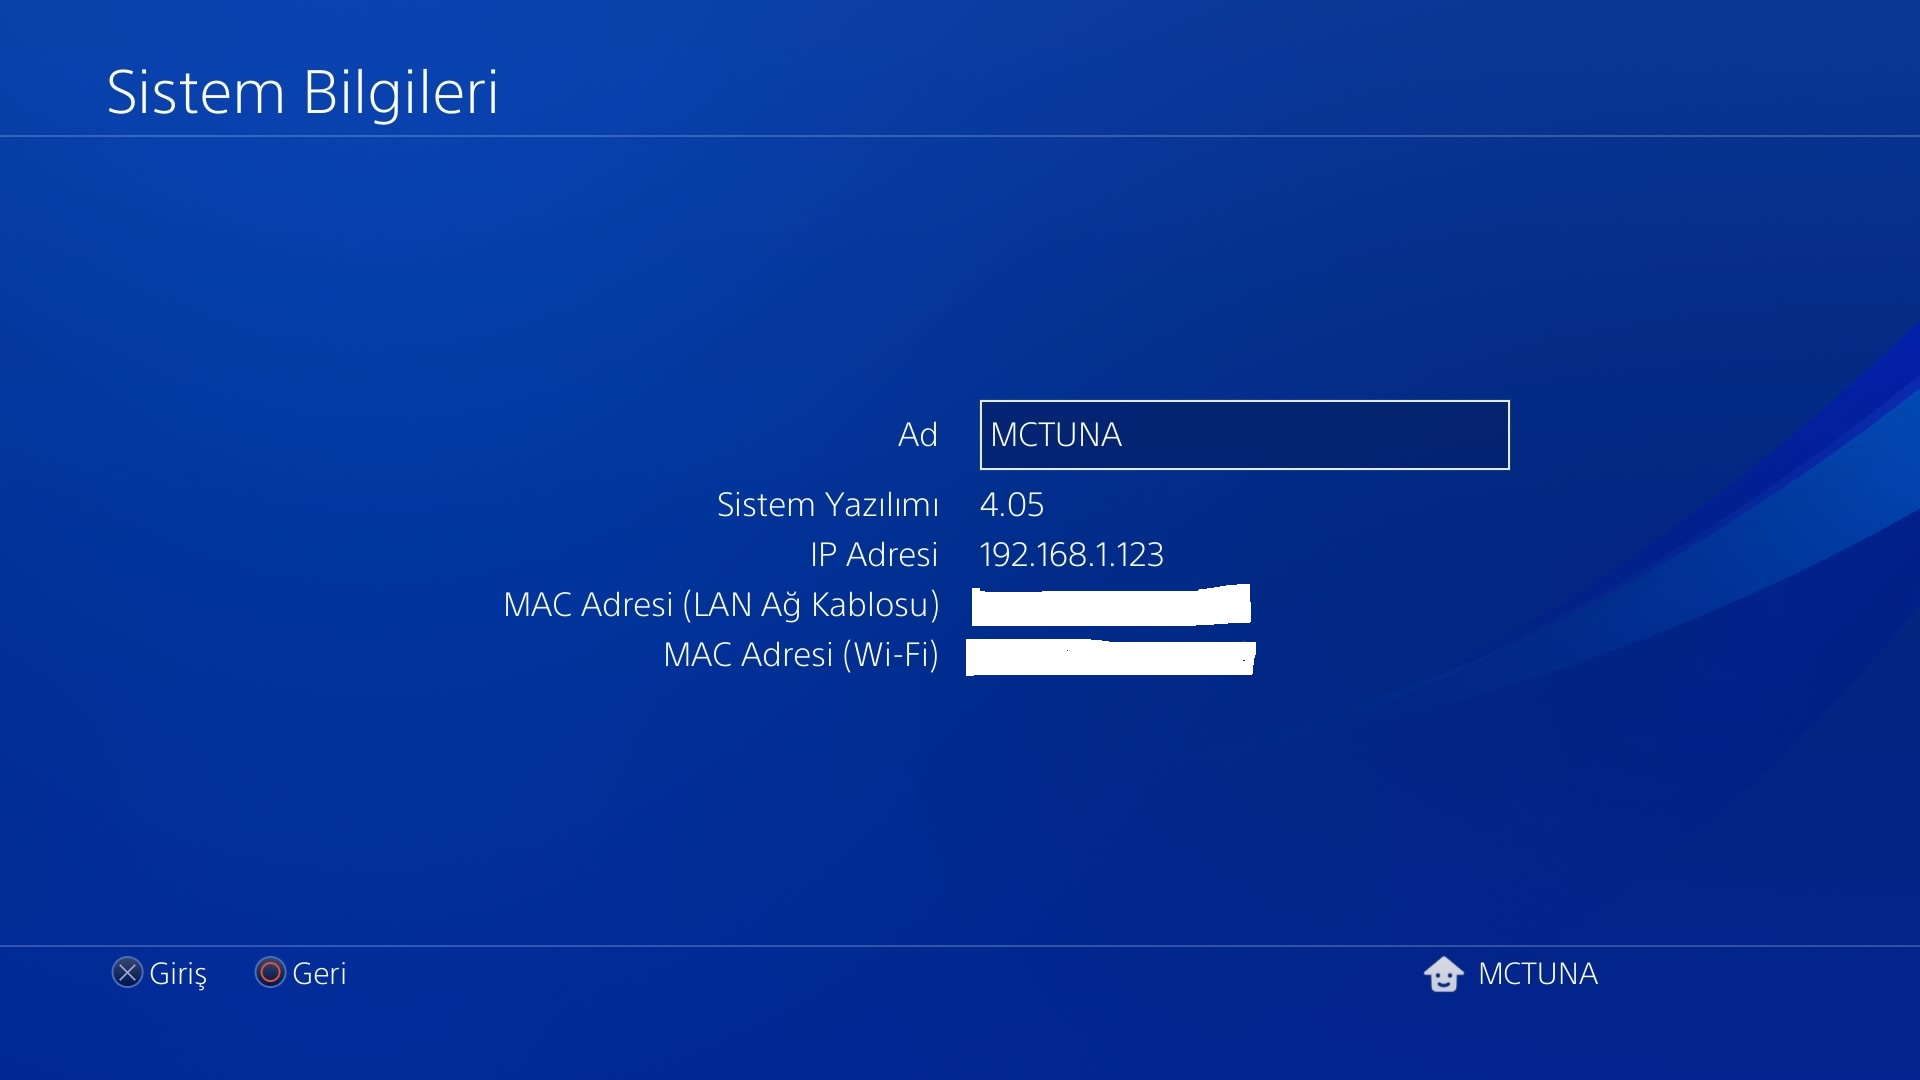 PS4 Kırma ve Oyun Yüklemesi Yapıyoruz